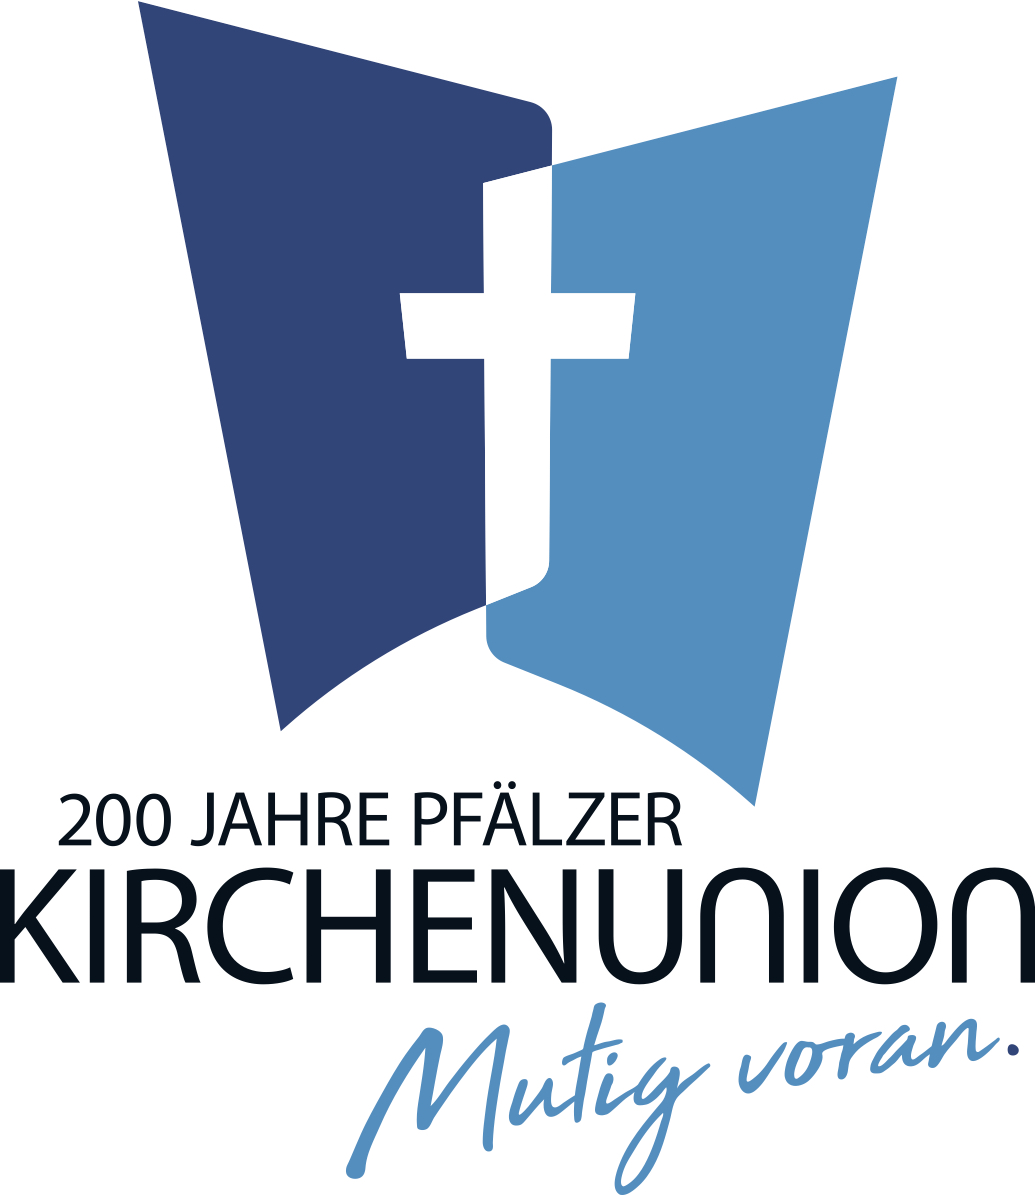 wiedereintritt evangelische kirche berlin